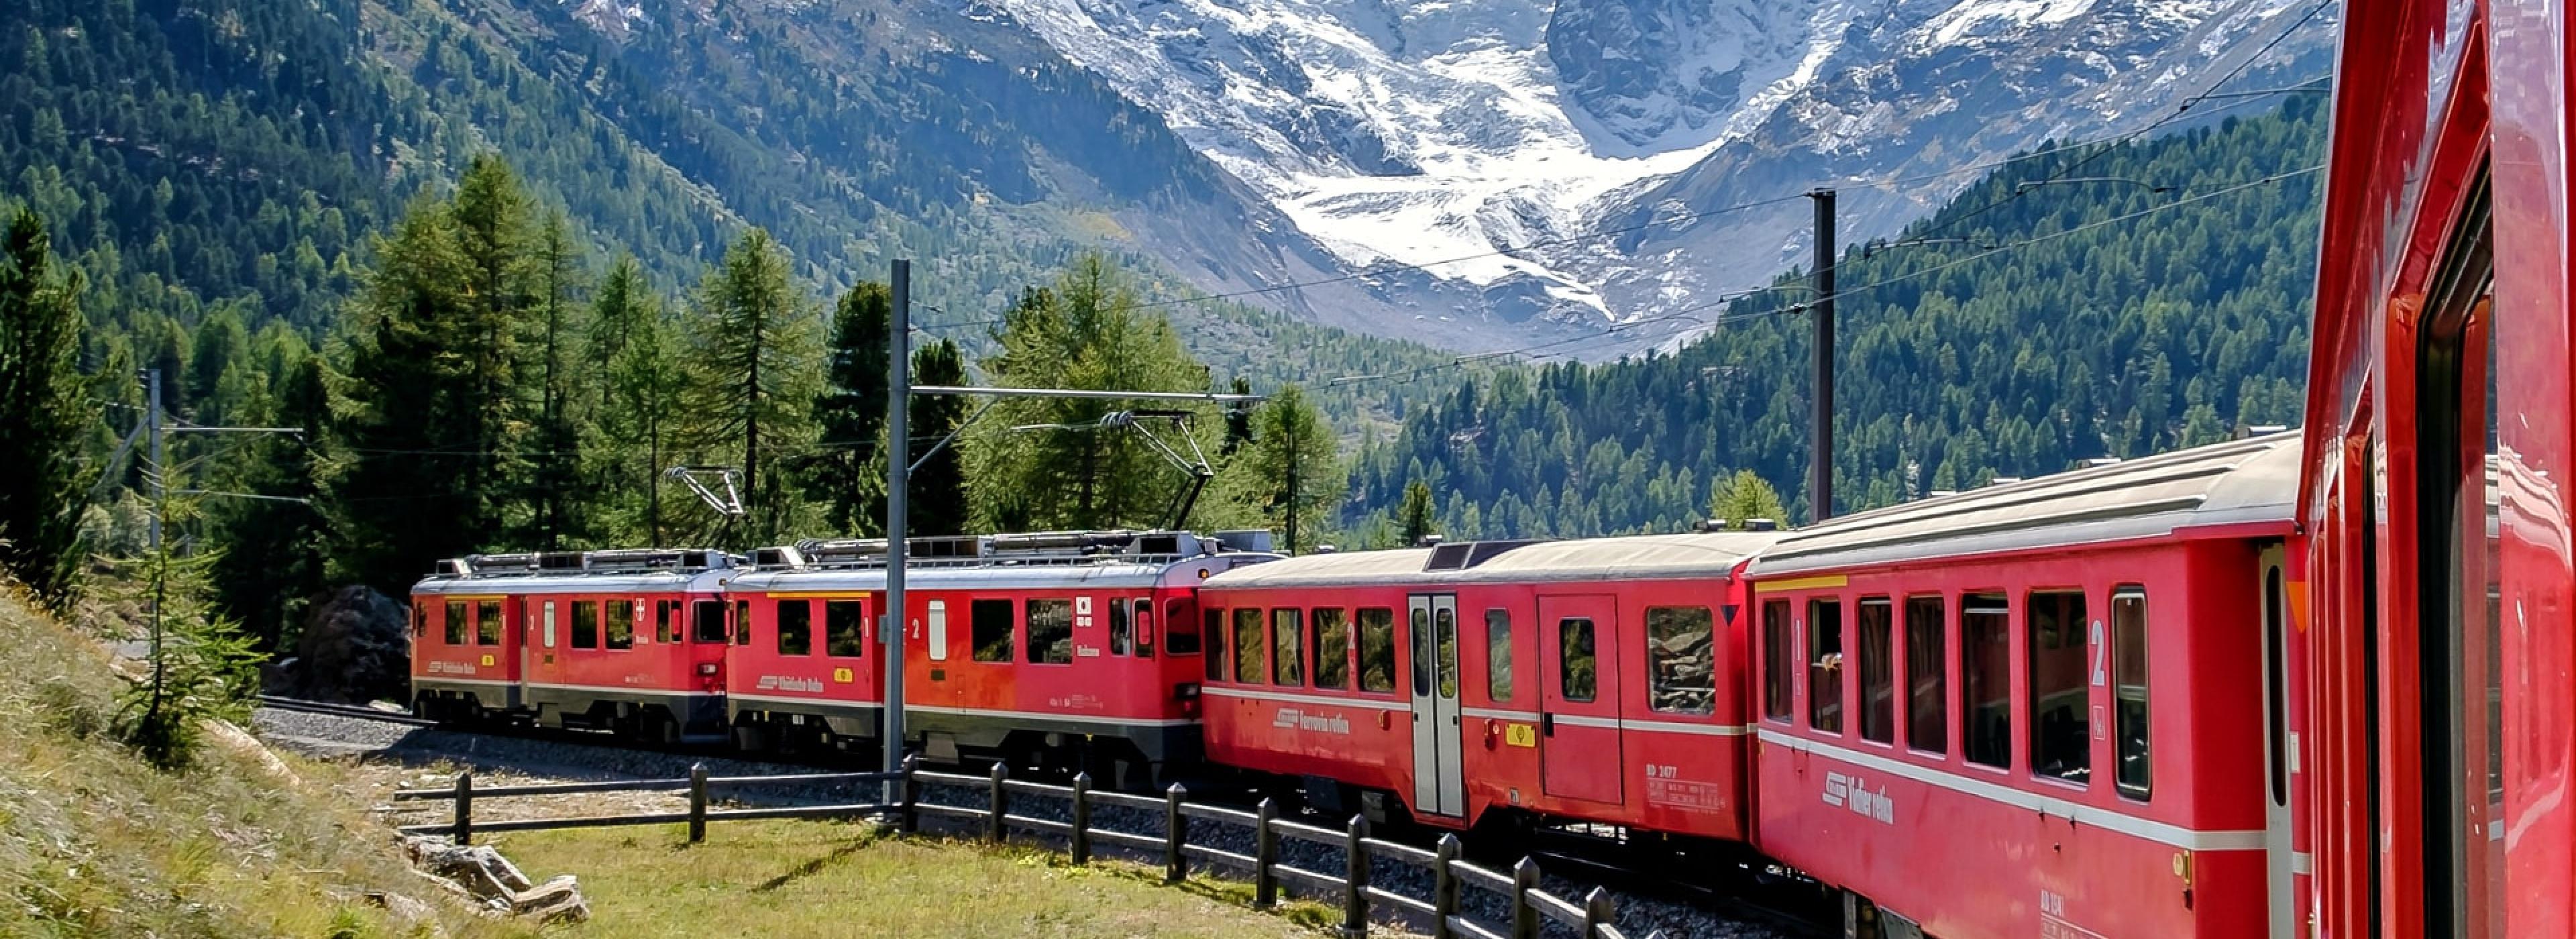 Swiss Express